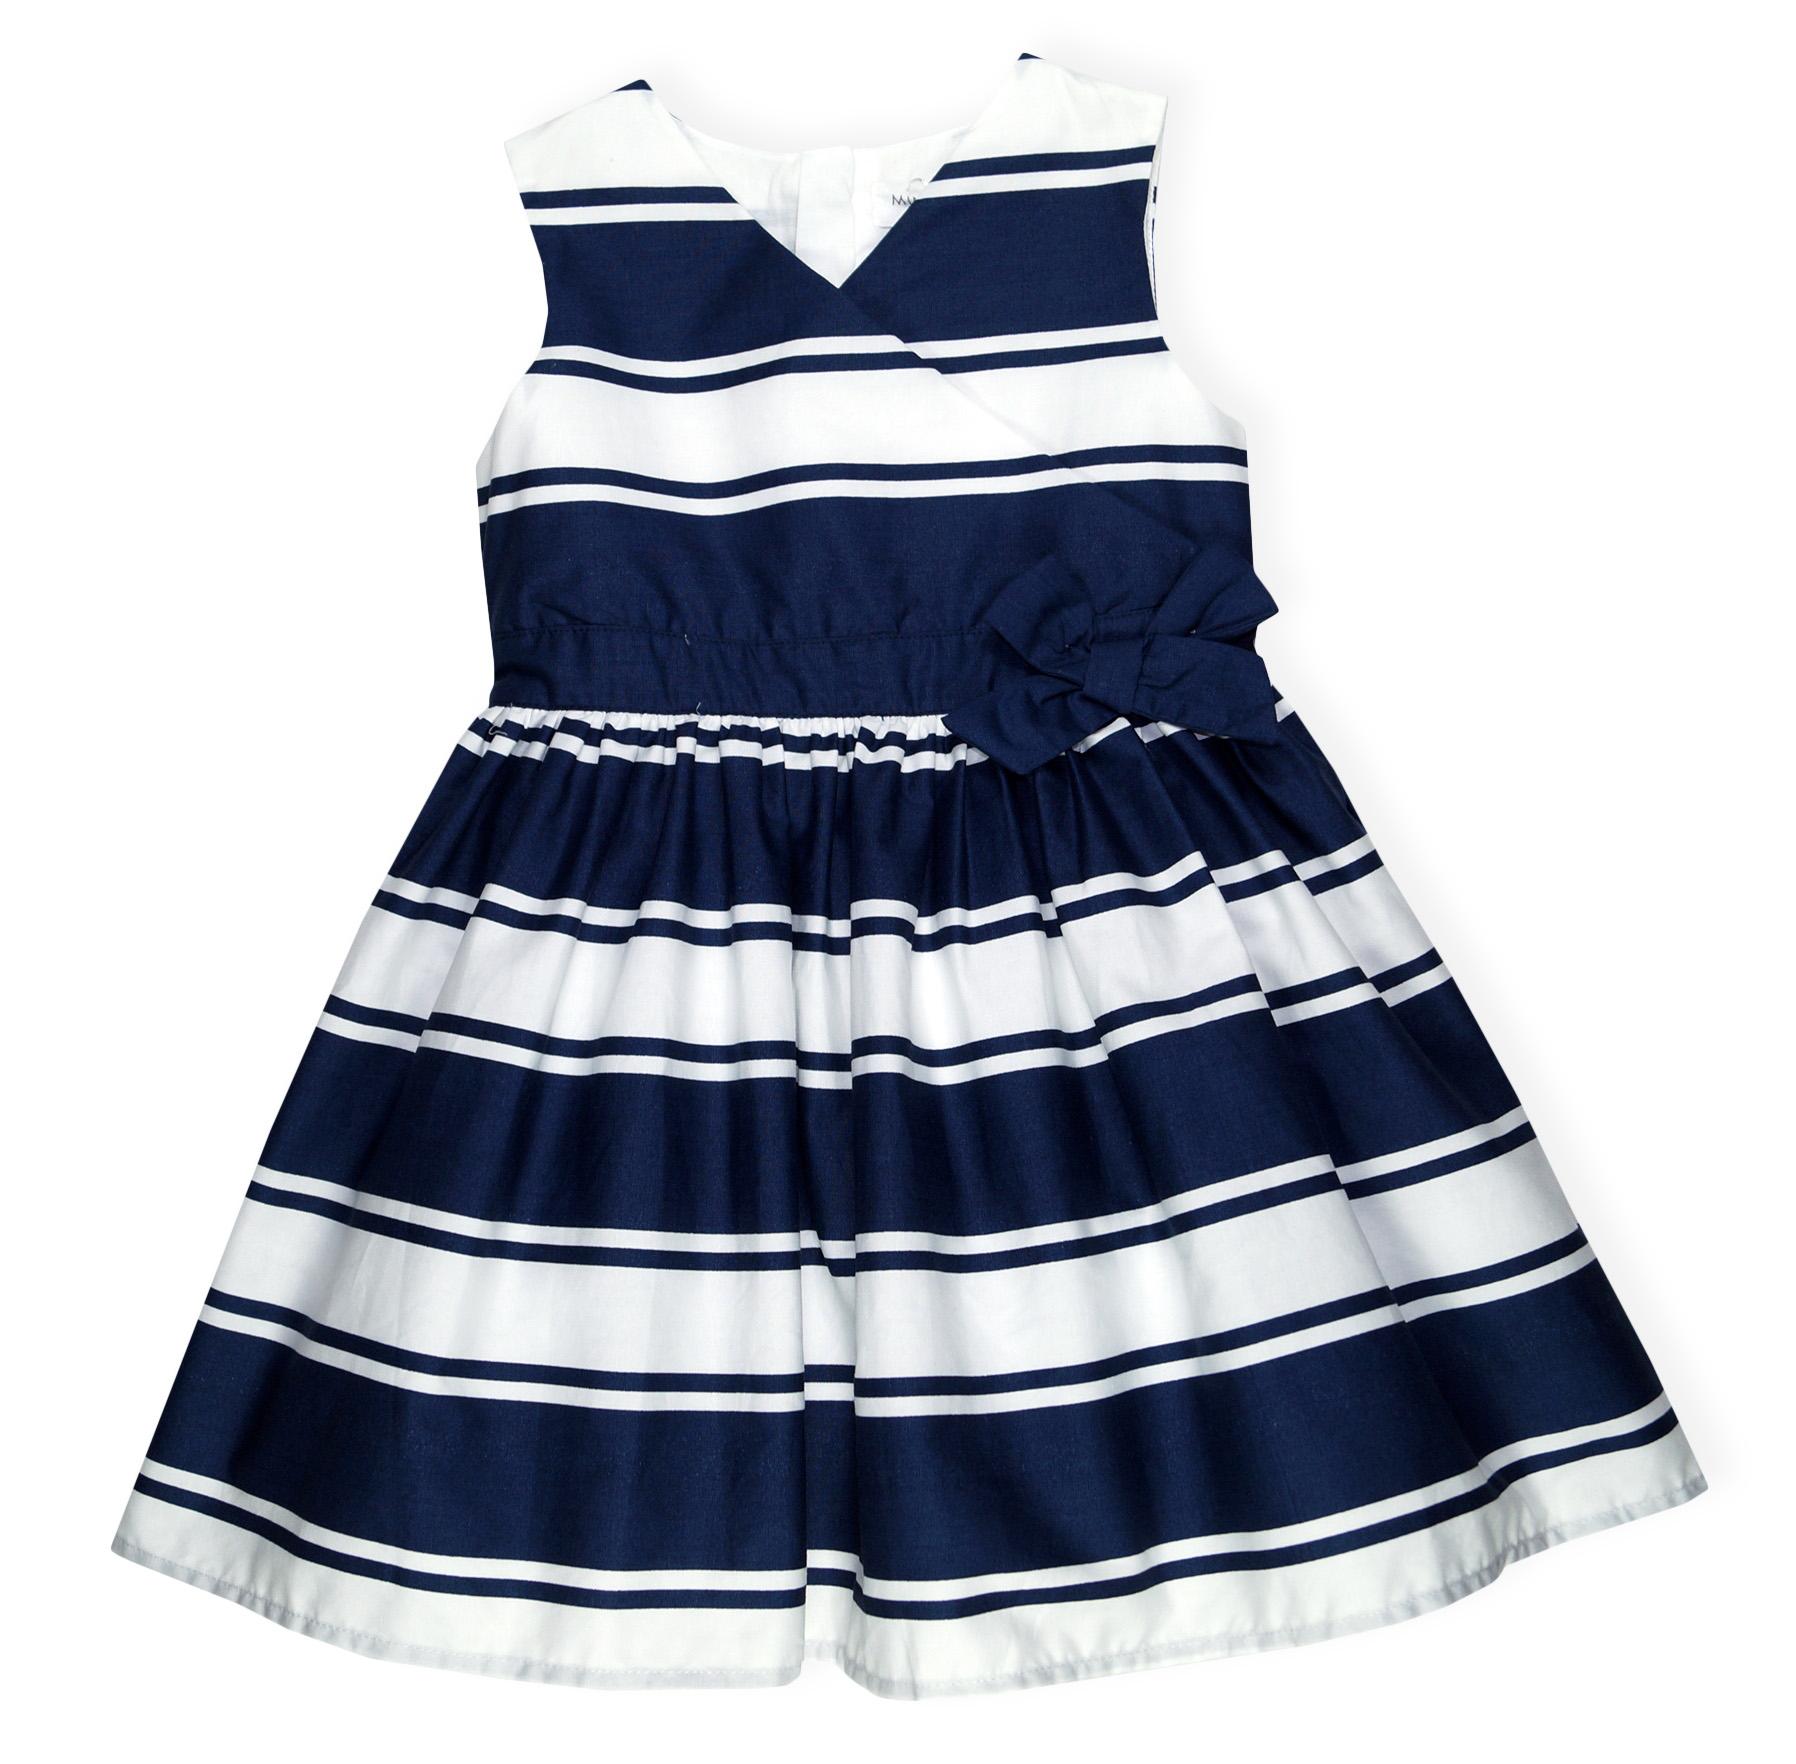 e972f3c269 MINOTI elegancka sukienka na tiulu RIVIERA  86 - 7195259533 ...